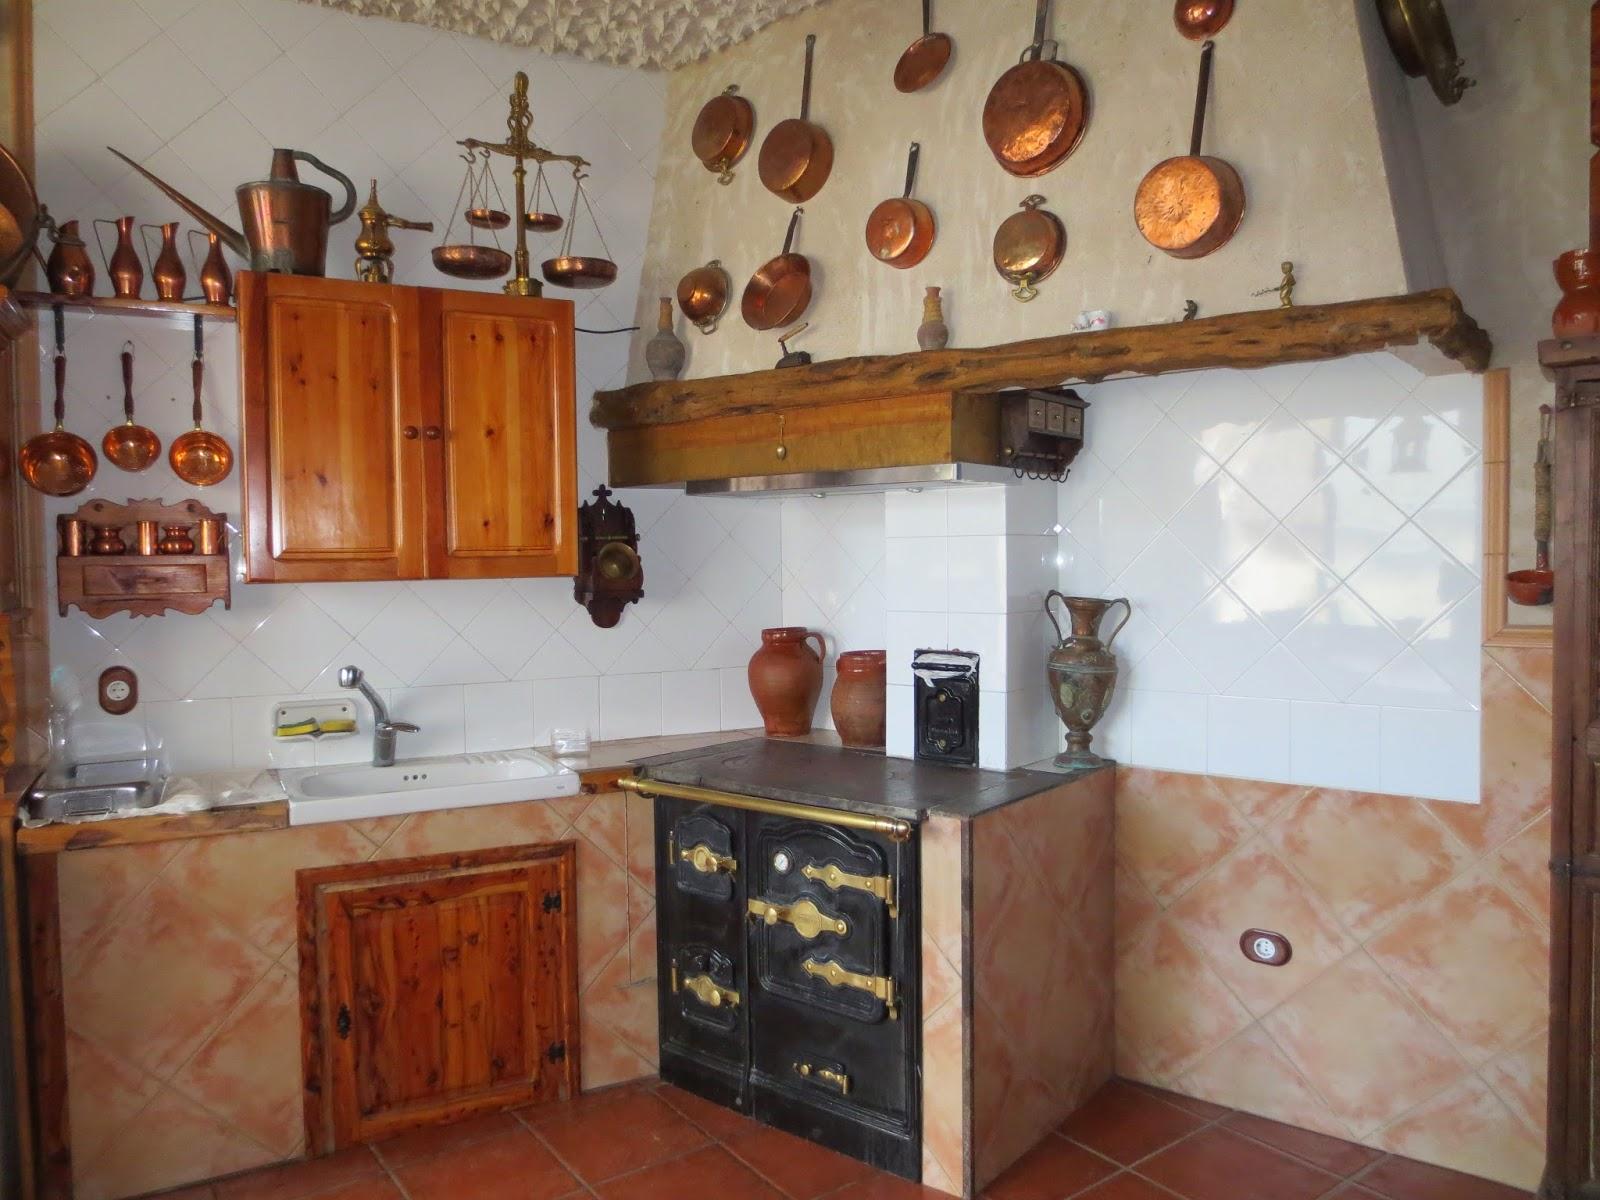 El talon sierte construcci n en segovia mayo 2015 - Cocina antigua de lena ...